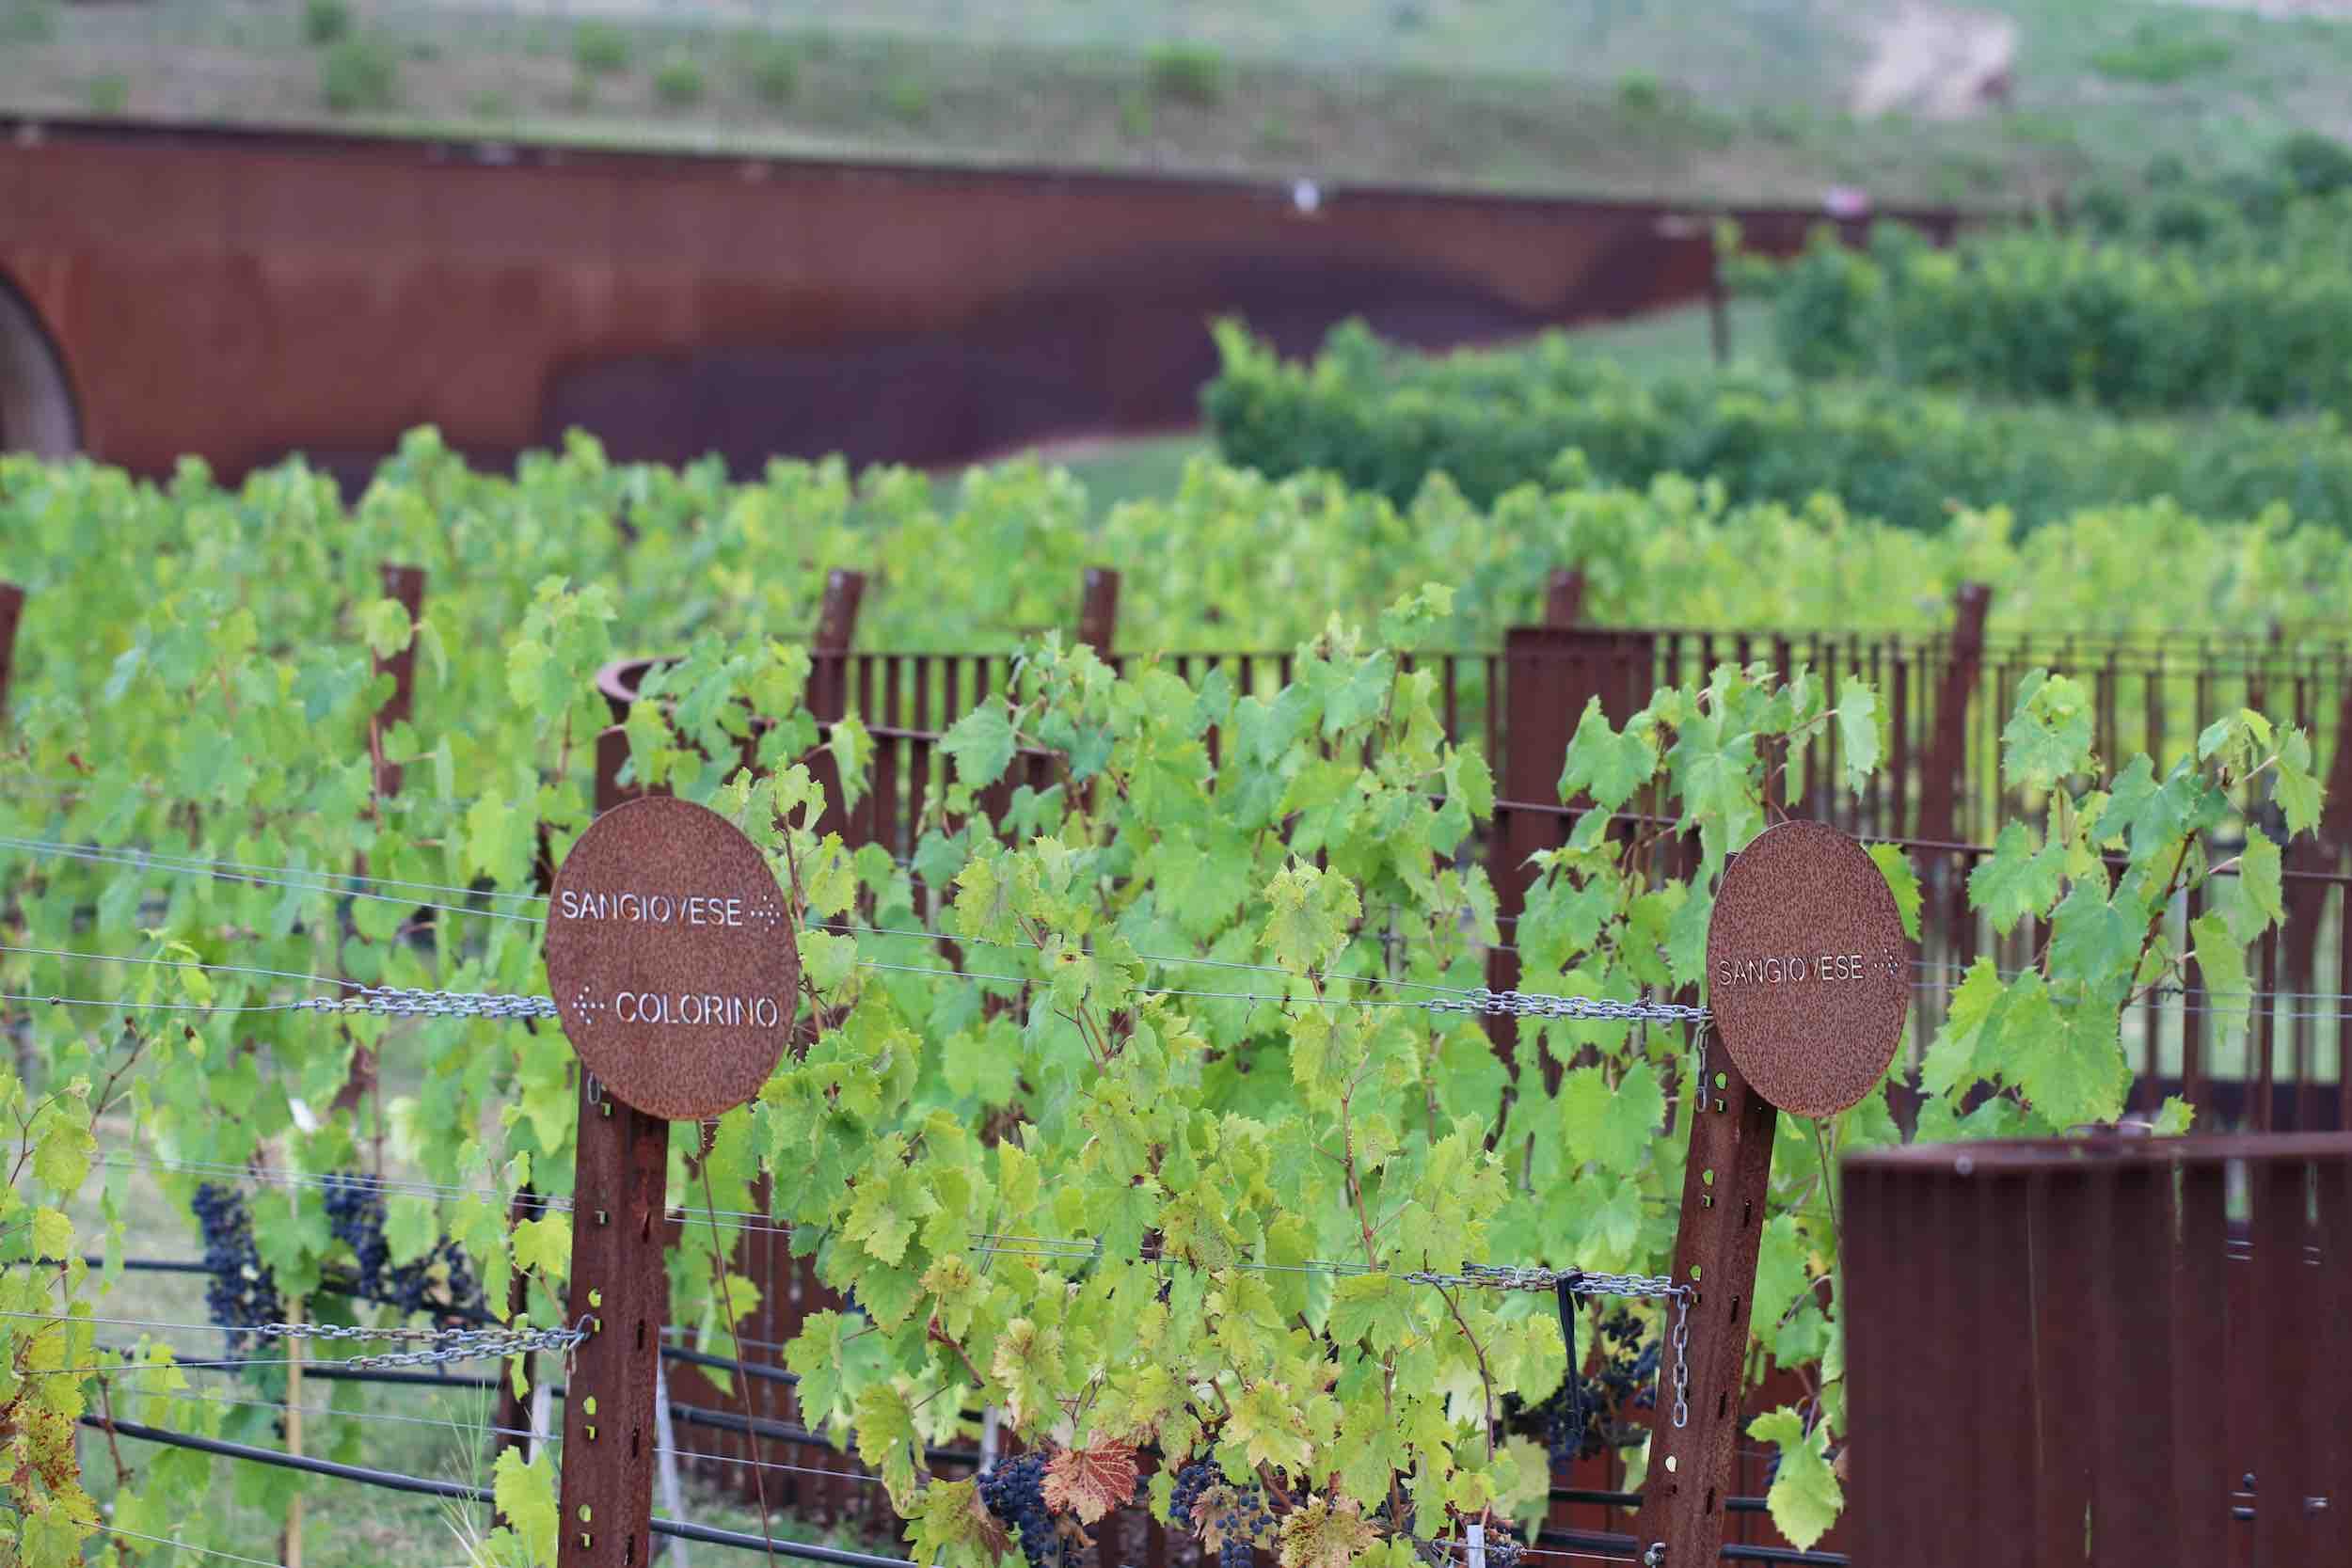 Rebenkunde auf dem Weingut Antinori in der Toskana